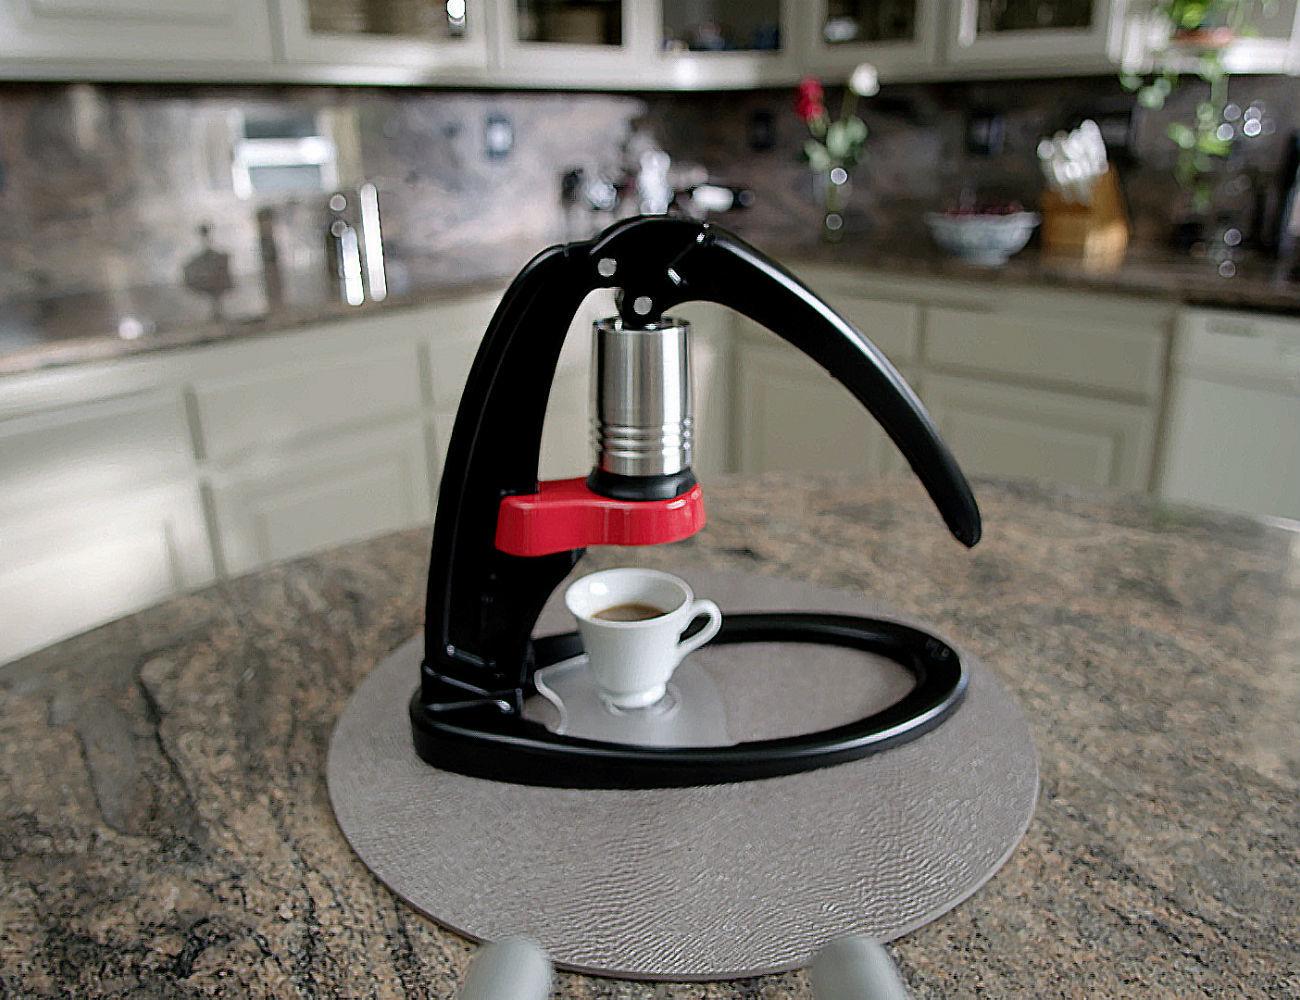 Flair Espresso Maker Review 187 The Gadget Flow